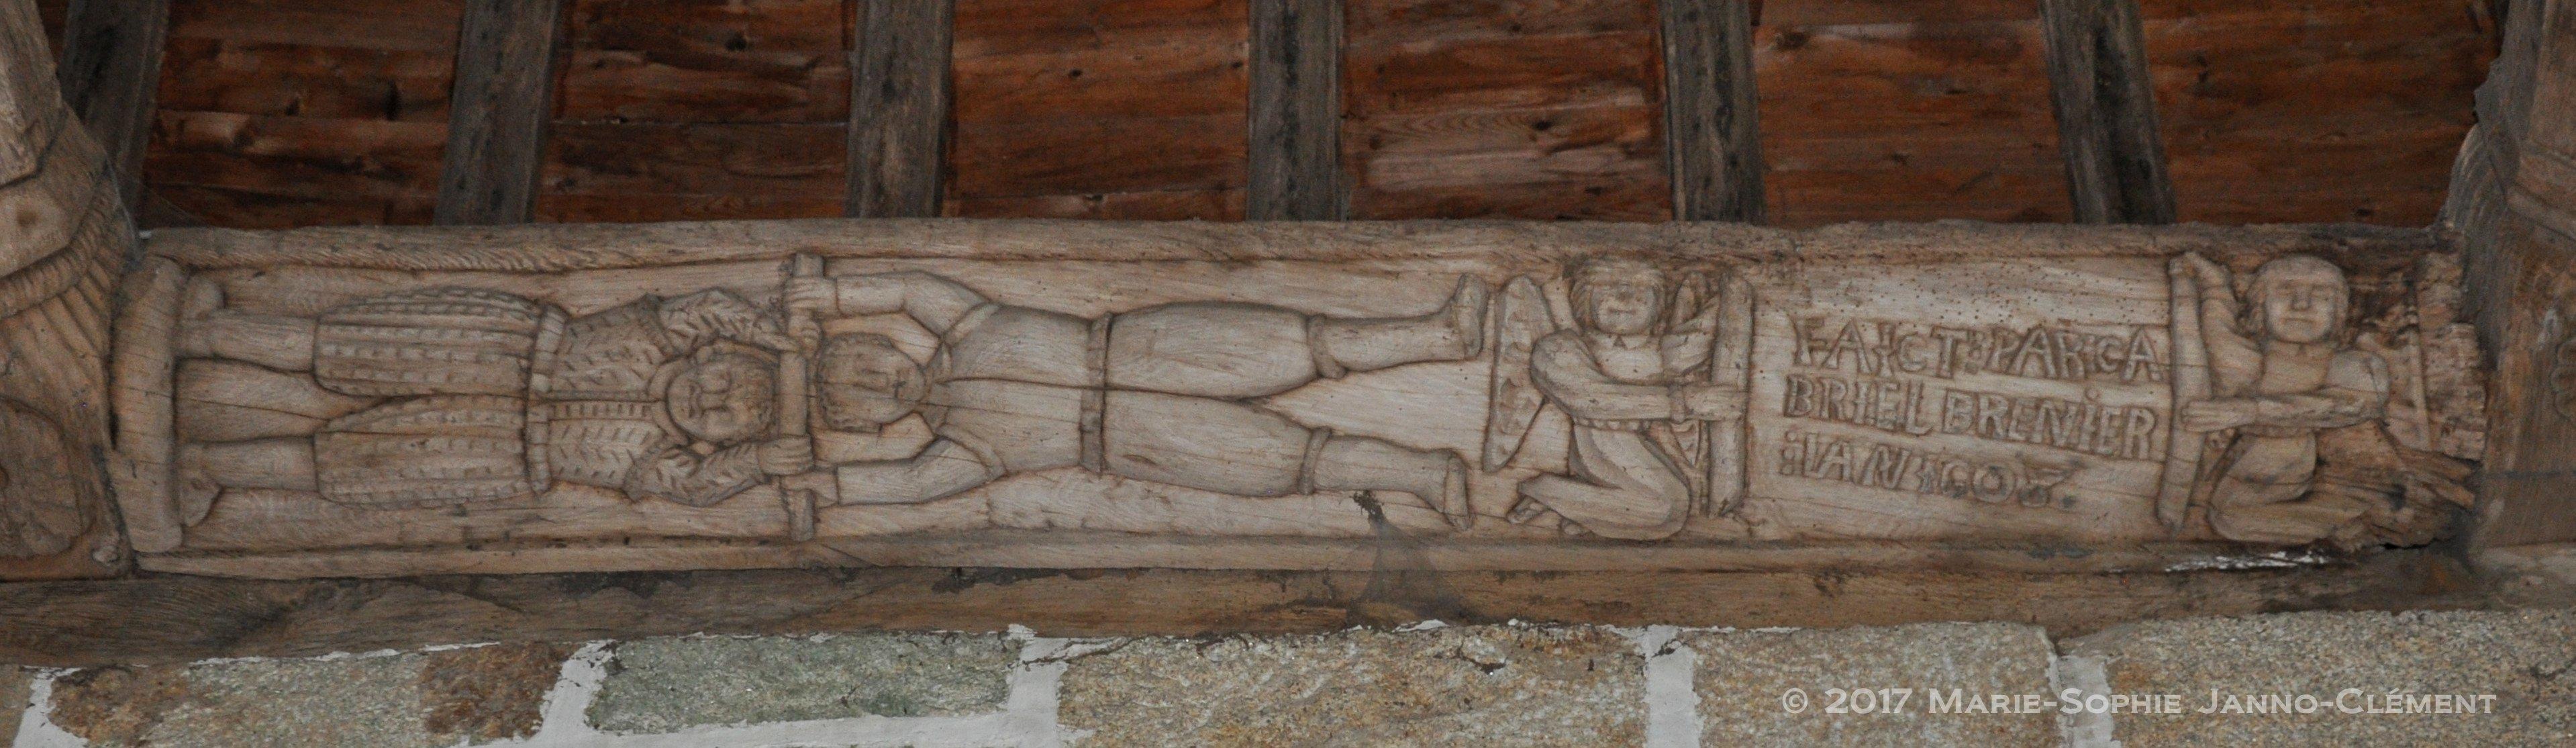 Sculptures sur les corniches de la charpente vers 1600-1608 - Le jeu du bâton (nef, mur nord) inscription « FAICT PAR GABRIEL BRENIER L'AN 1608 » - Ci-dessous, différentes gargouilles sculptées en bois